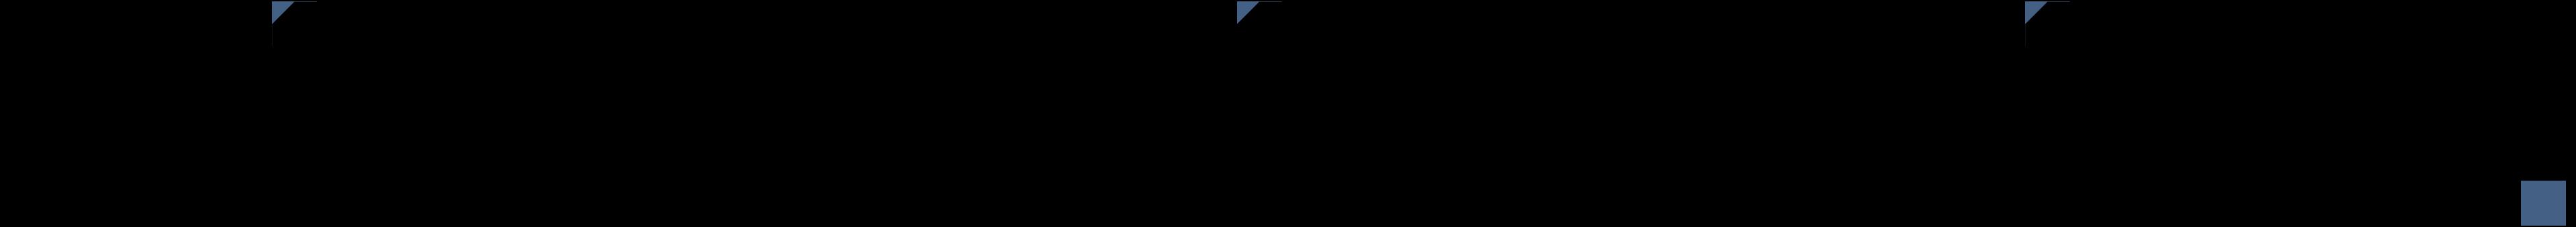 Web Design Cap